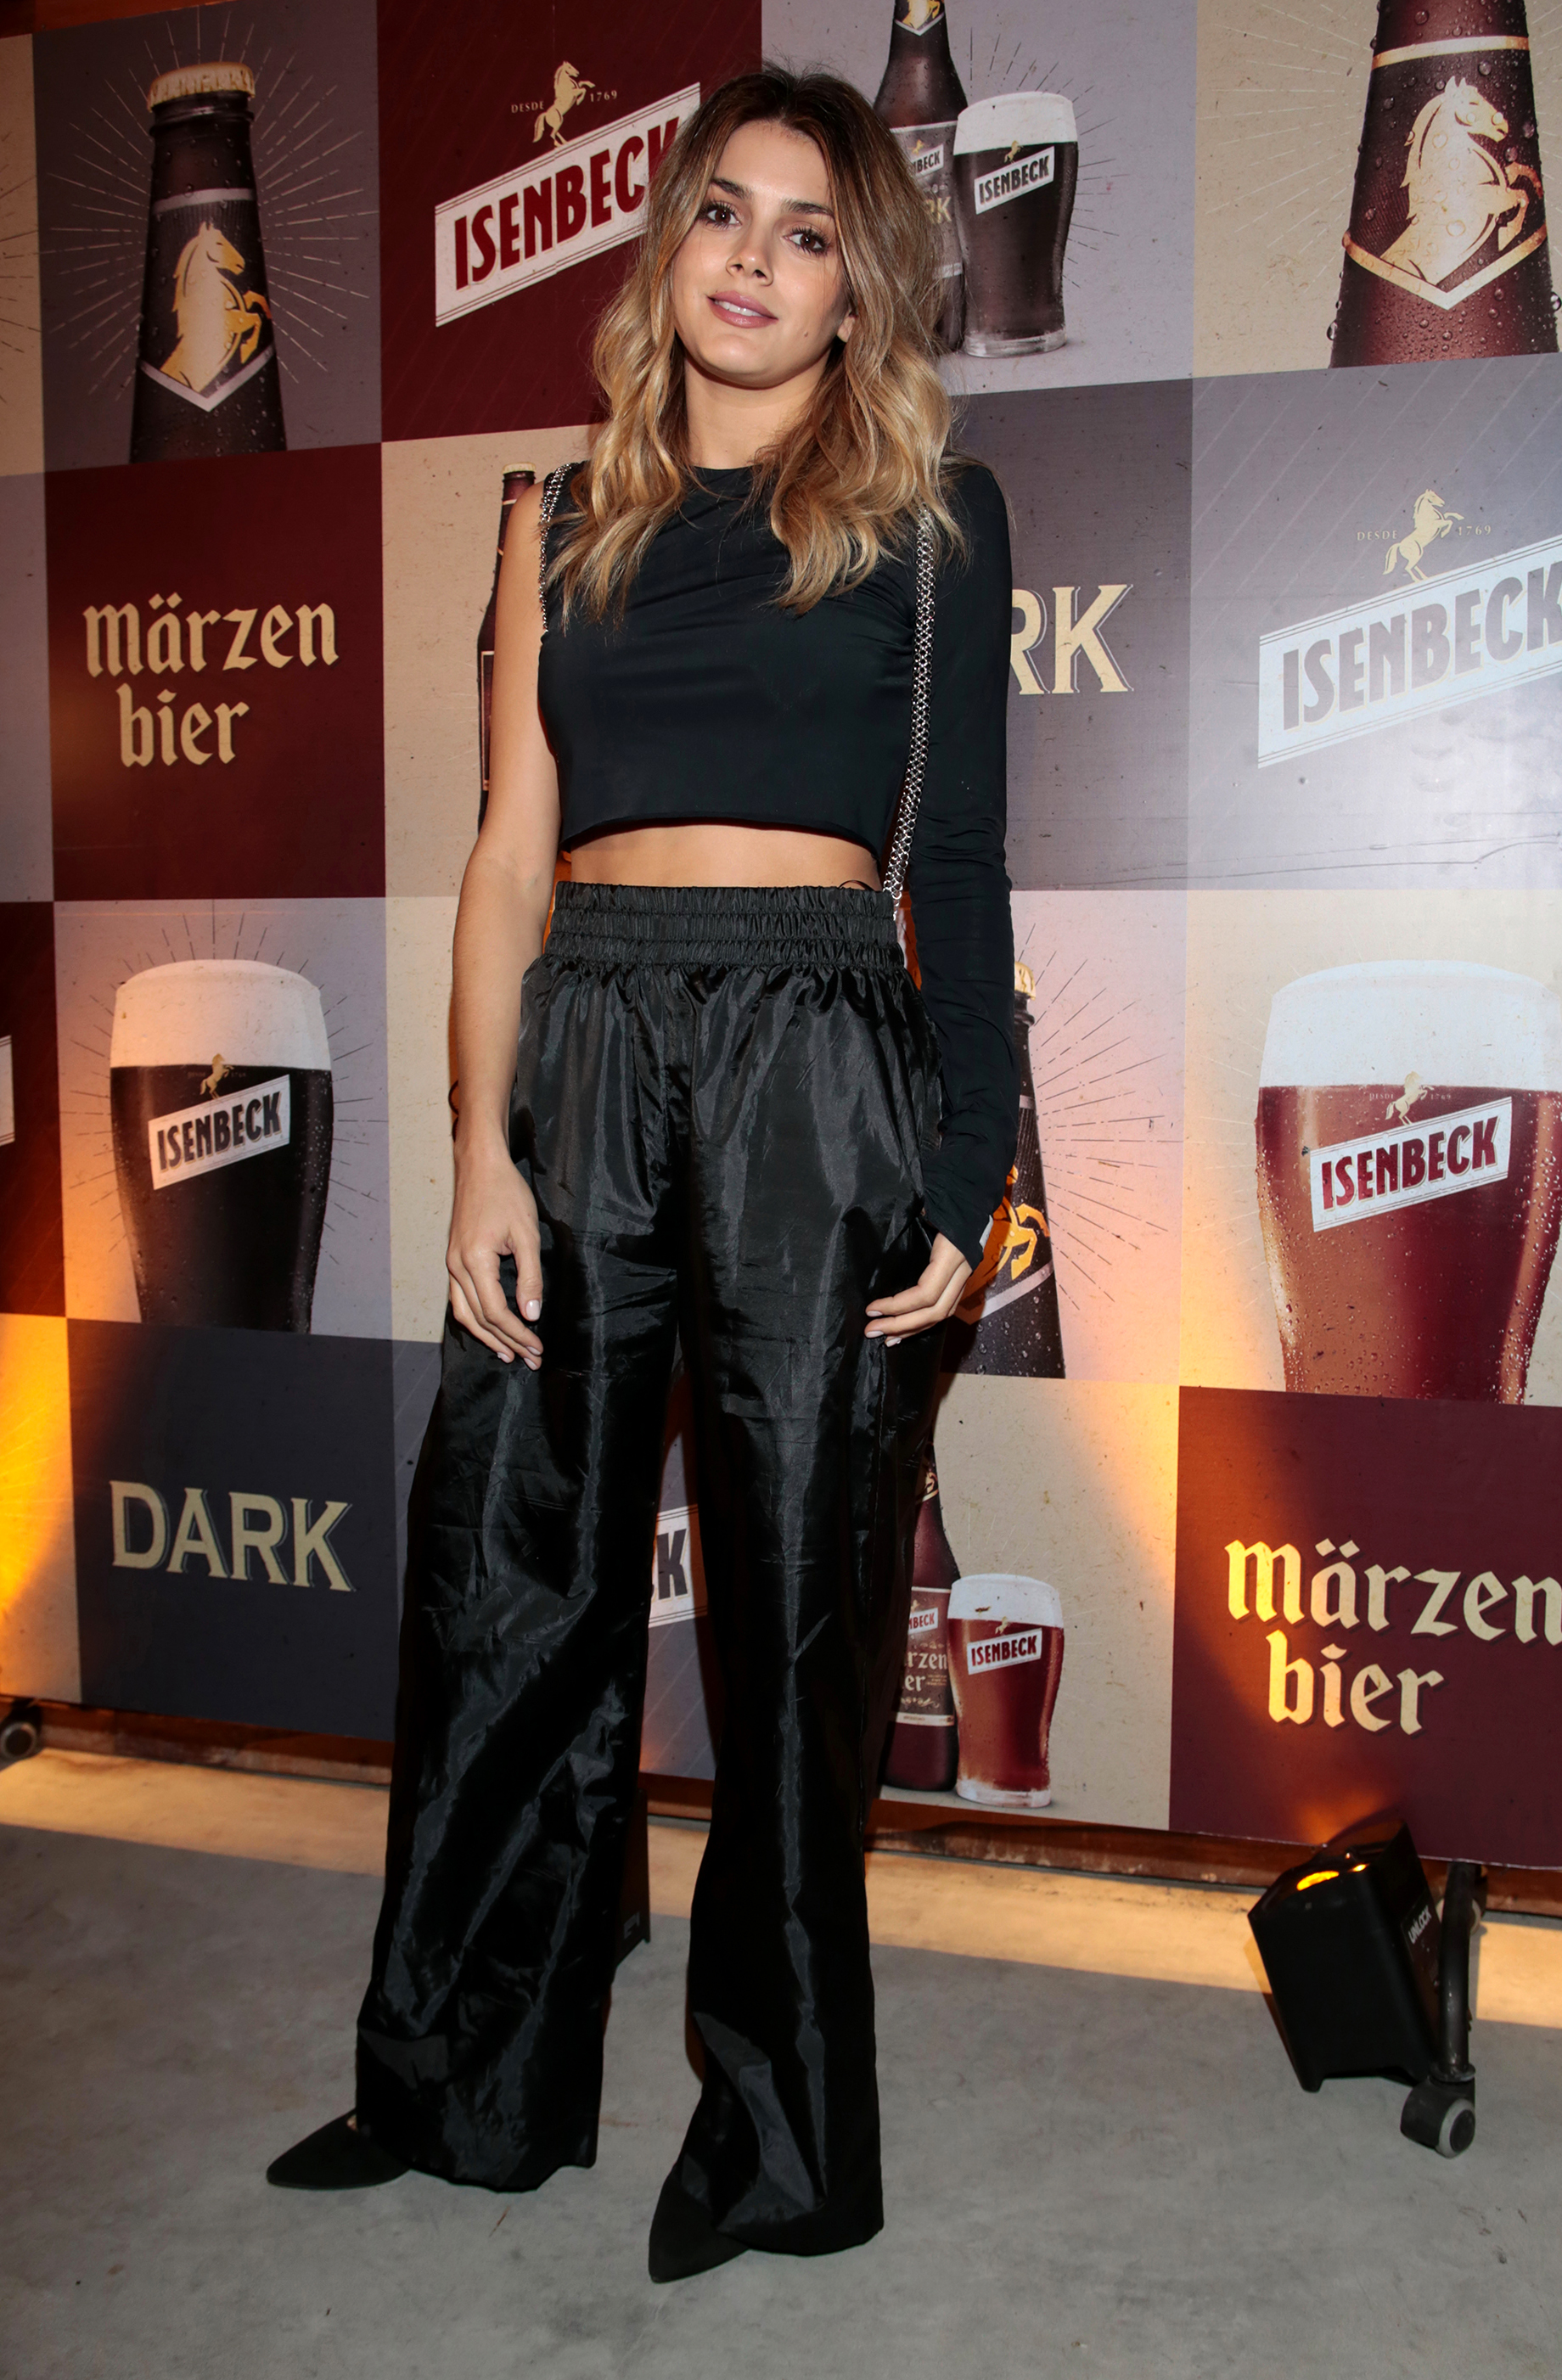 Natalie Pérez disfrutó de la Märzen Bier, cuyo origen se remonta a mediados del siglo XIX, cuando algunos cerveceros emprendedores de Múnich descubrieron que podían almacenar las cervezas elaboradas en marzo (Märzen Bier) en cavas frías, sin que se deteriorasen por el calor de los meses cálidos germanos